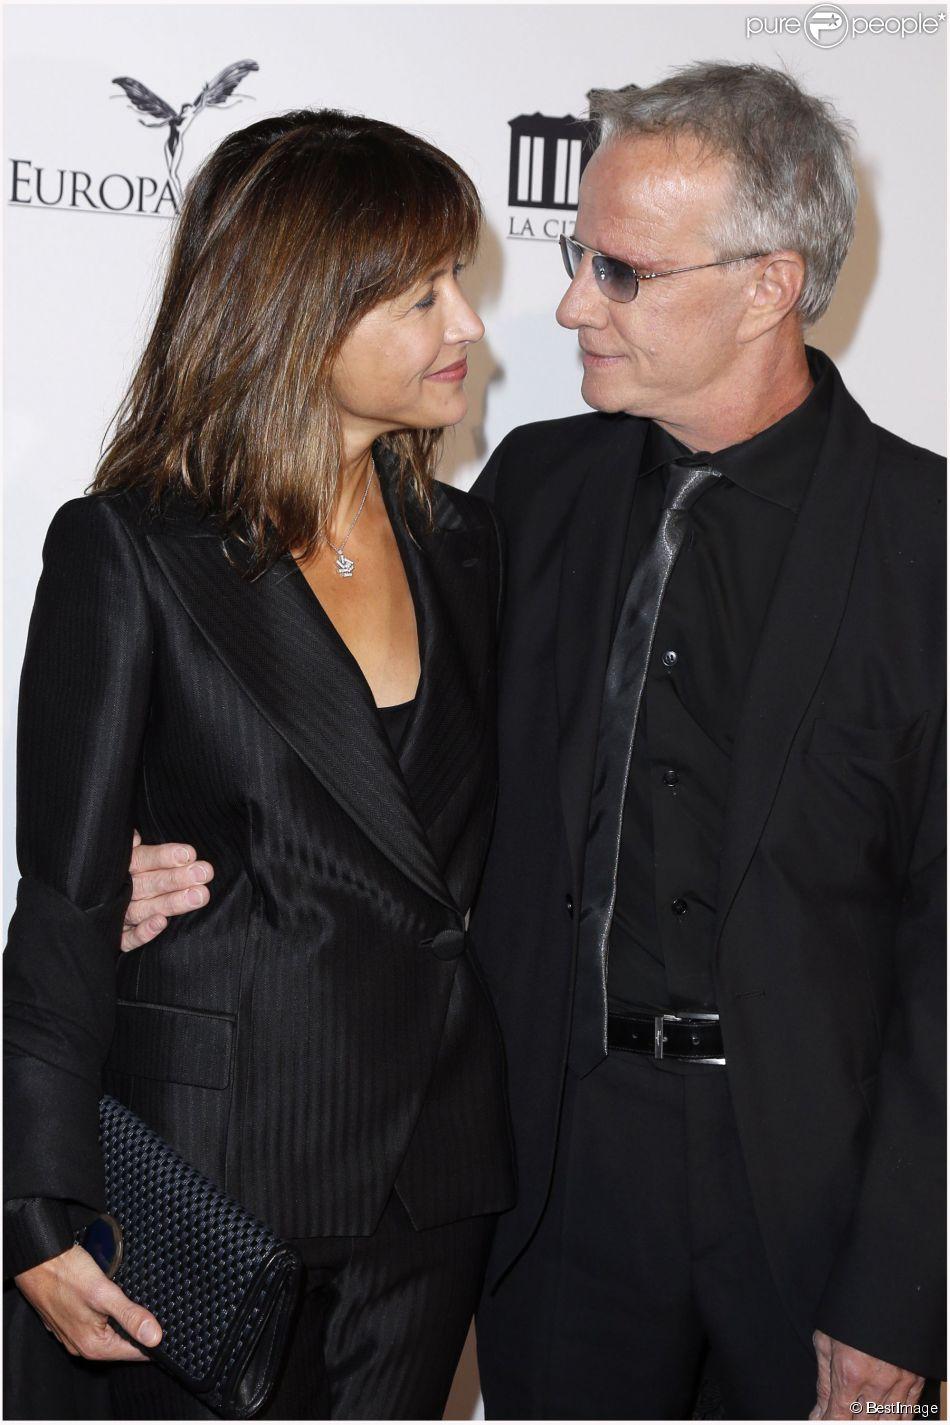 Sophie Marceau & Christophe Lambert, complices lors de la soirée d'inauguration de la Cité du Cinéma à Saint Denis, en France, le 21 septembre 2012. Le couple a annoncé sa séparation le 11 juillet 2014 par communiqué.